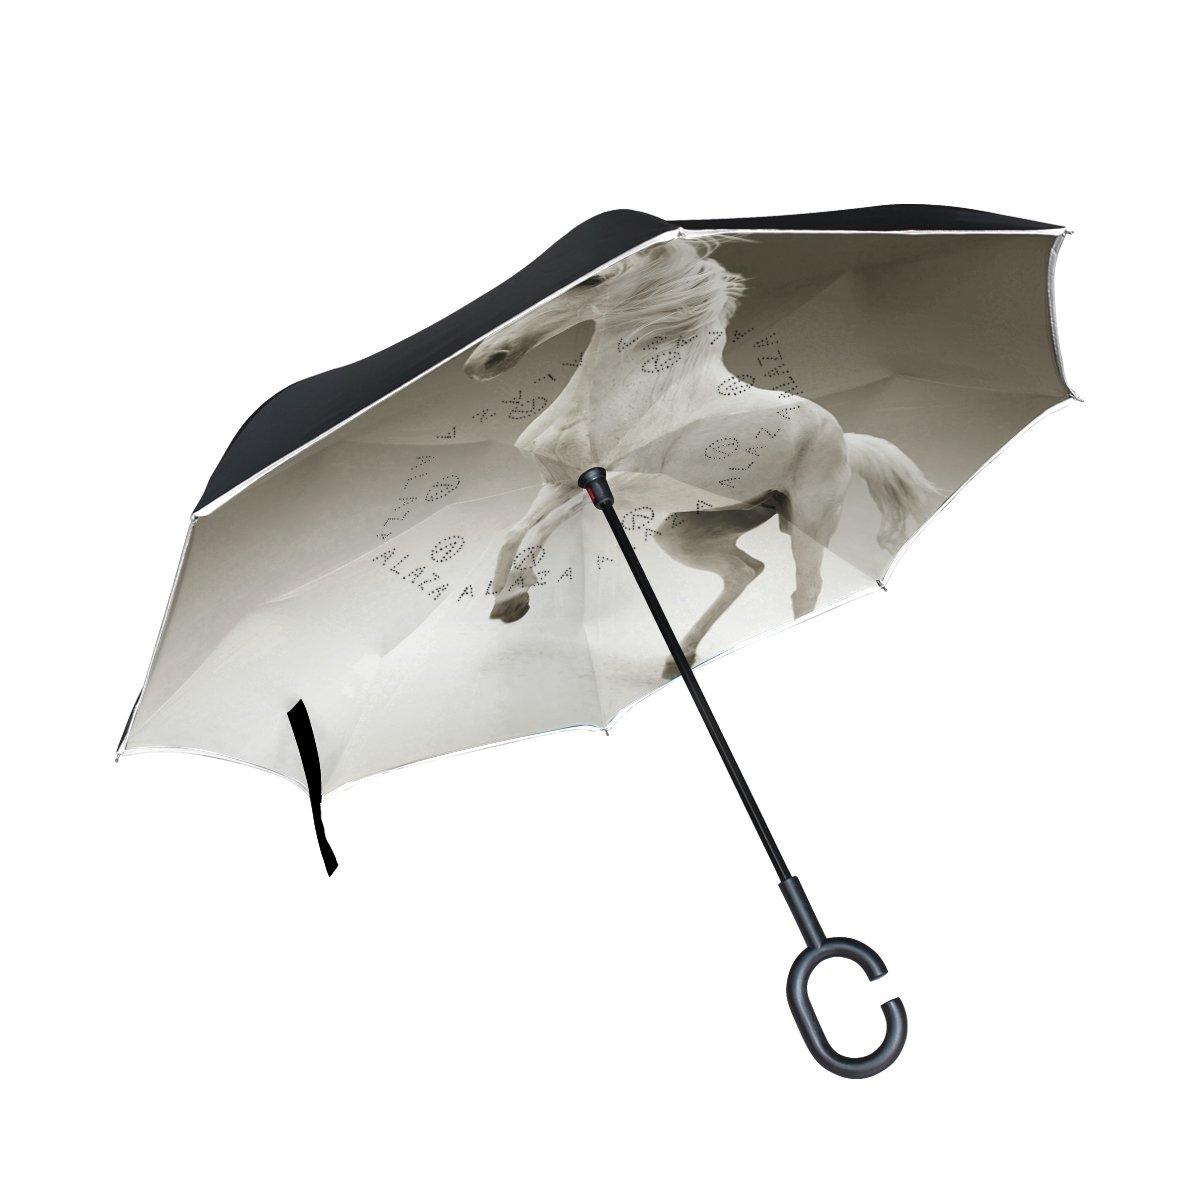 Bennigiry Envers Parapluie 10+ inversé Parapluie double couche Leap Licorne Parapluie coupe-vent protection UV avec poignée en forme de C